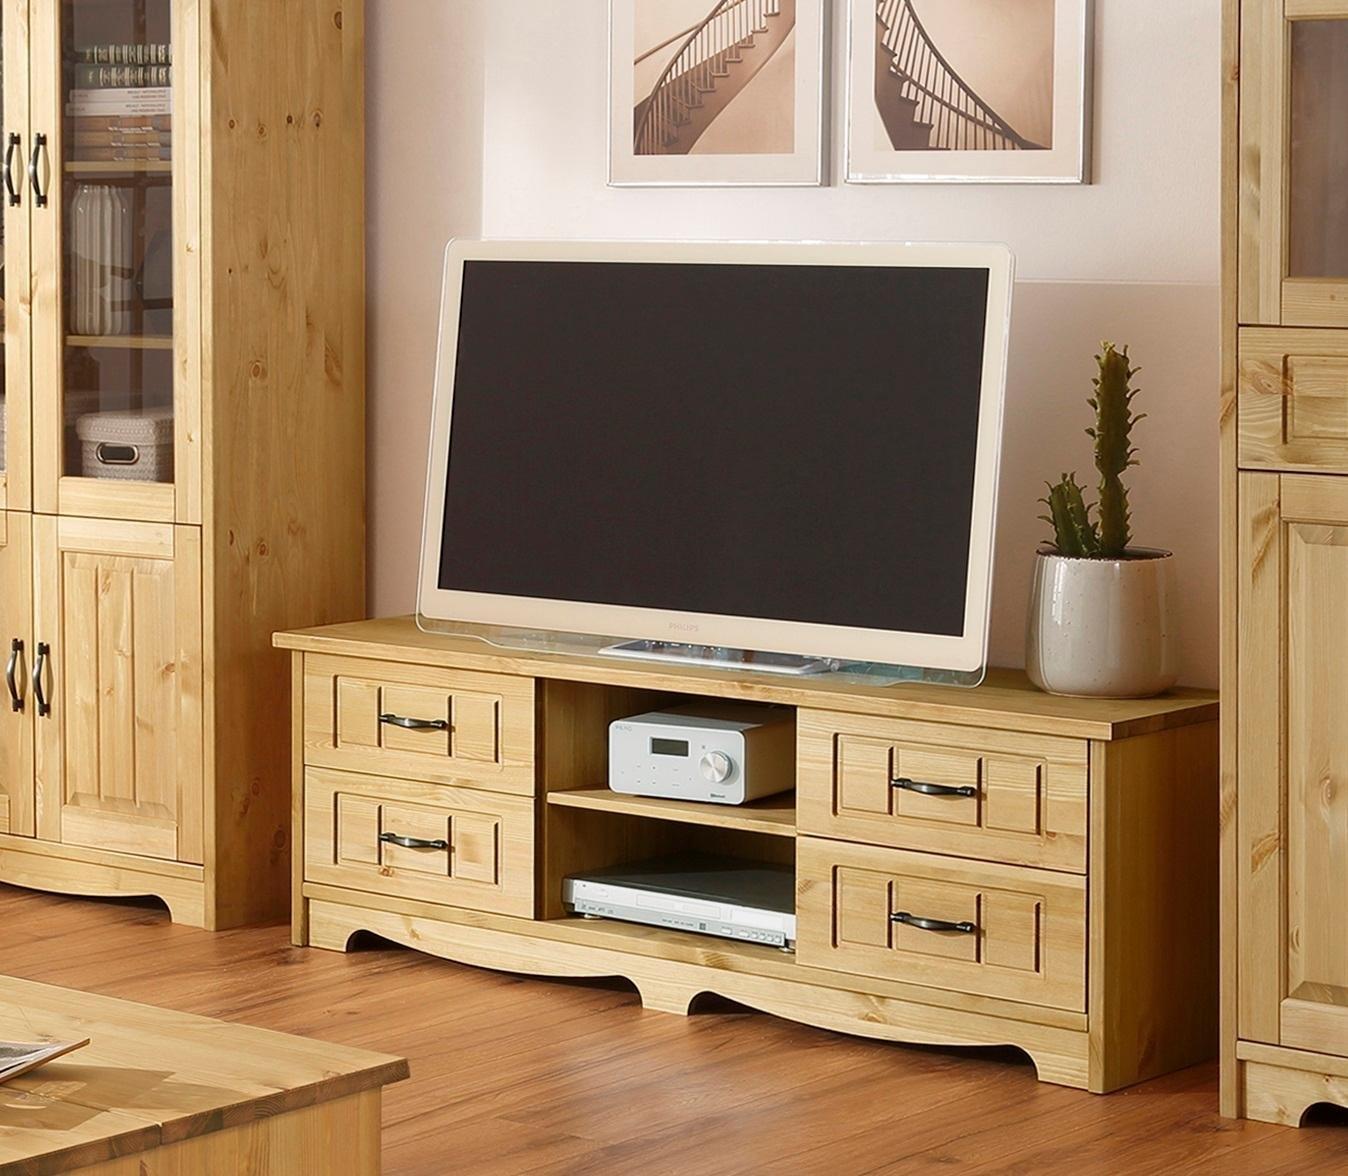 Home affaire tv-meubel »Trinidad«, breedte 194 cm online kopen op otto.nl